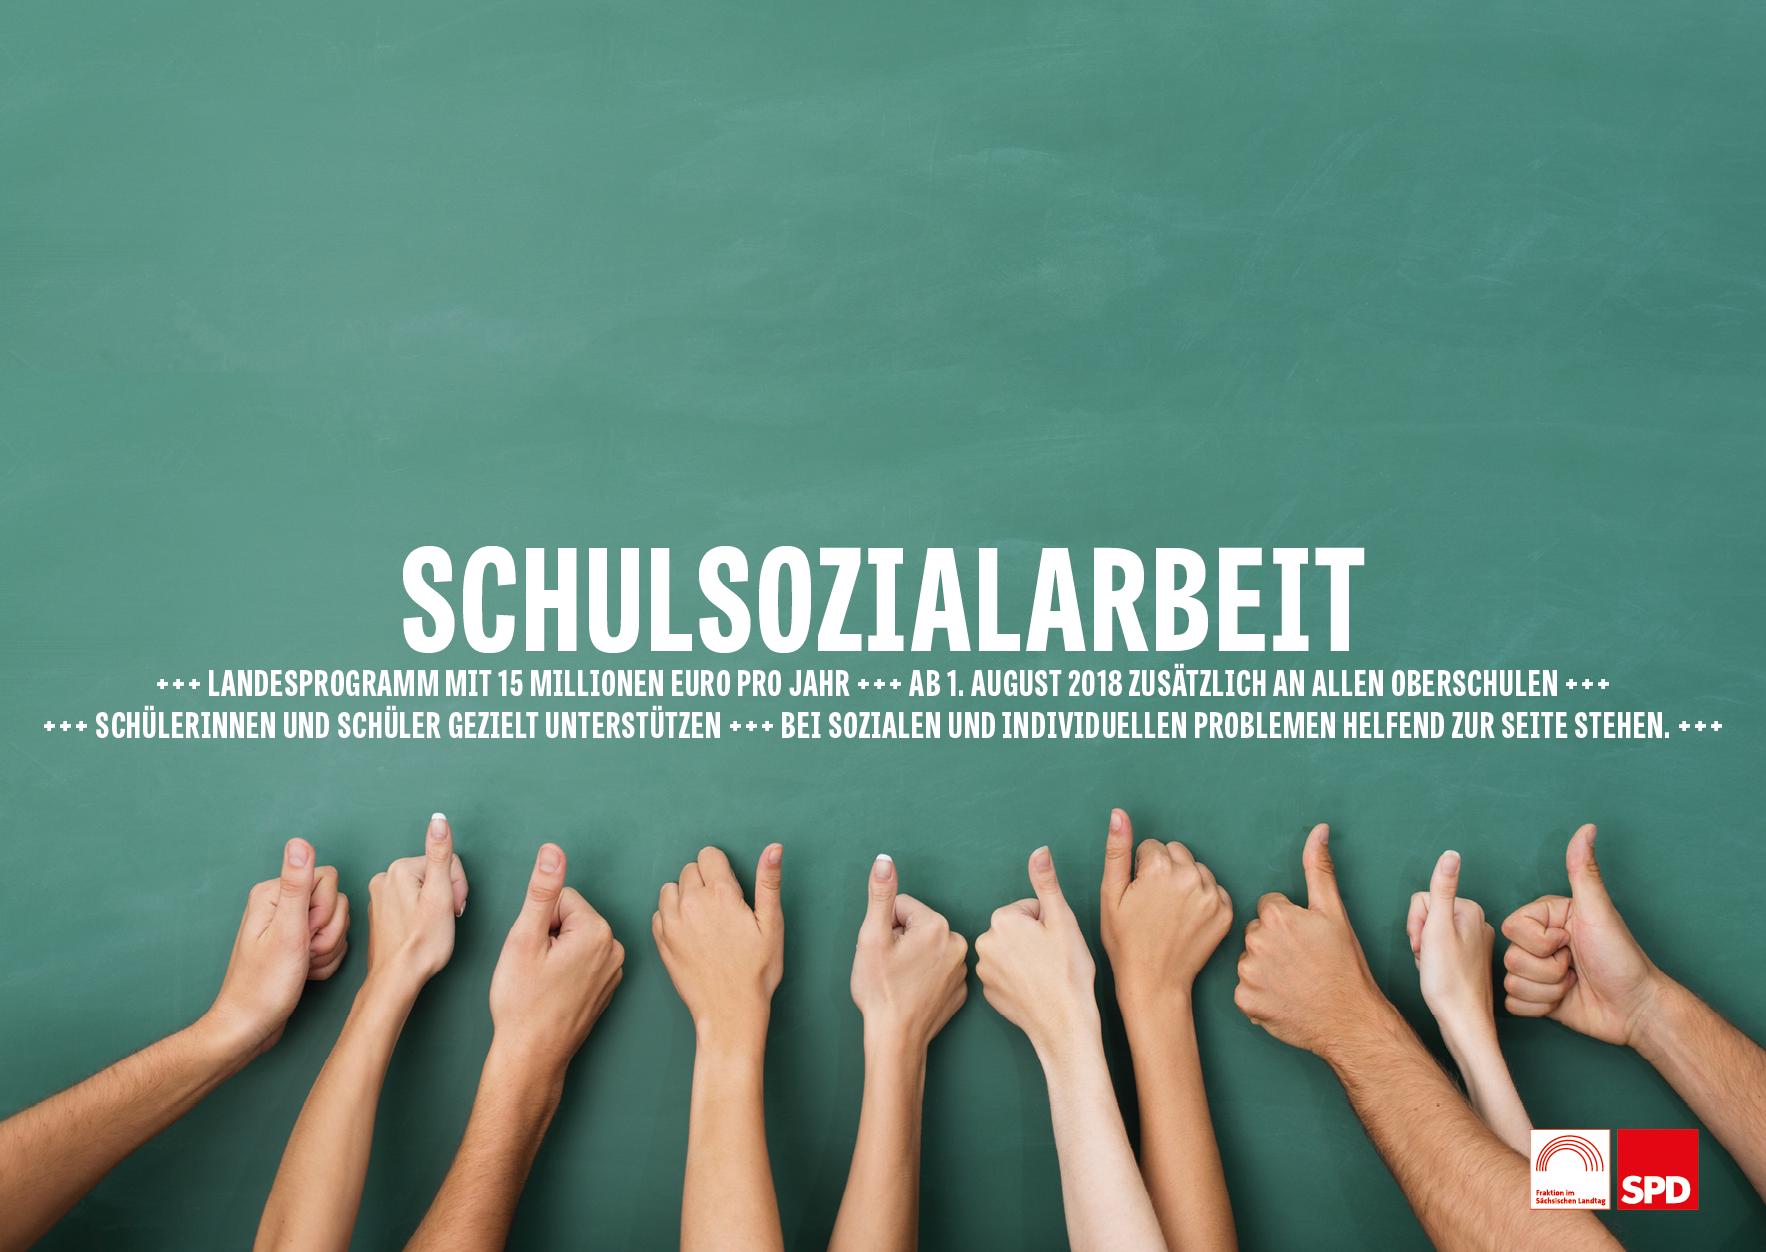 Schulsozialarbeit kommt für alle Oberschulen!